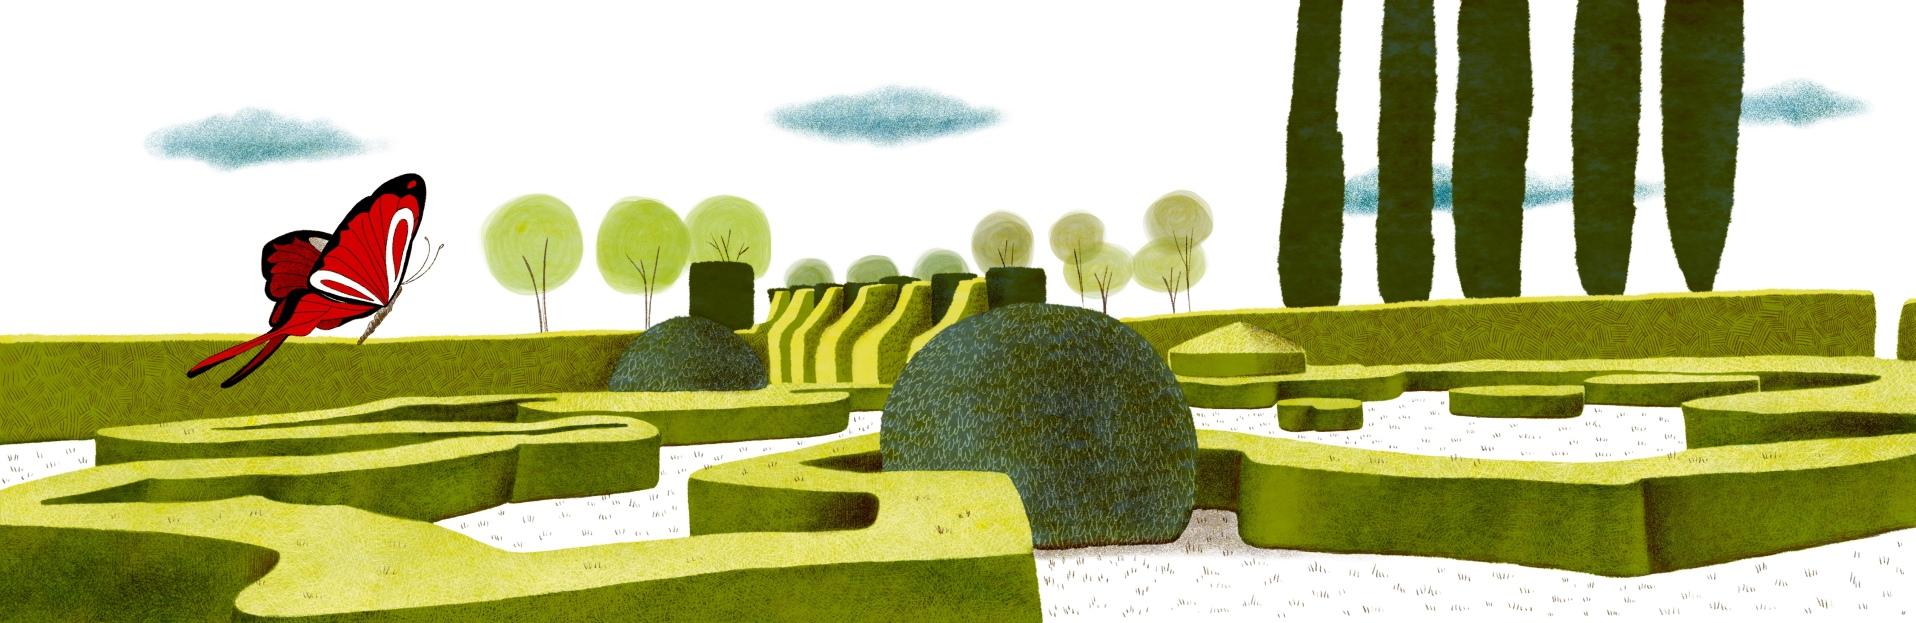 Illustration pour un hors série de Sud Ouest